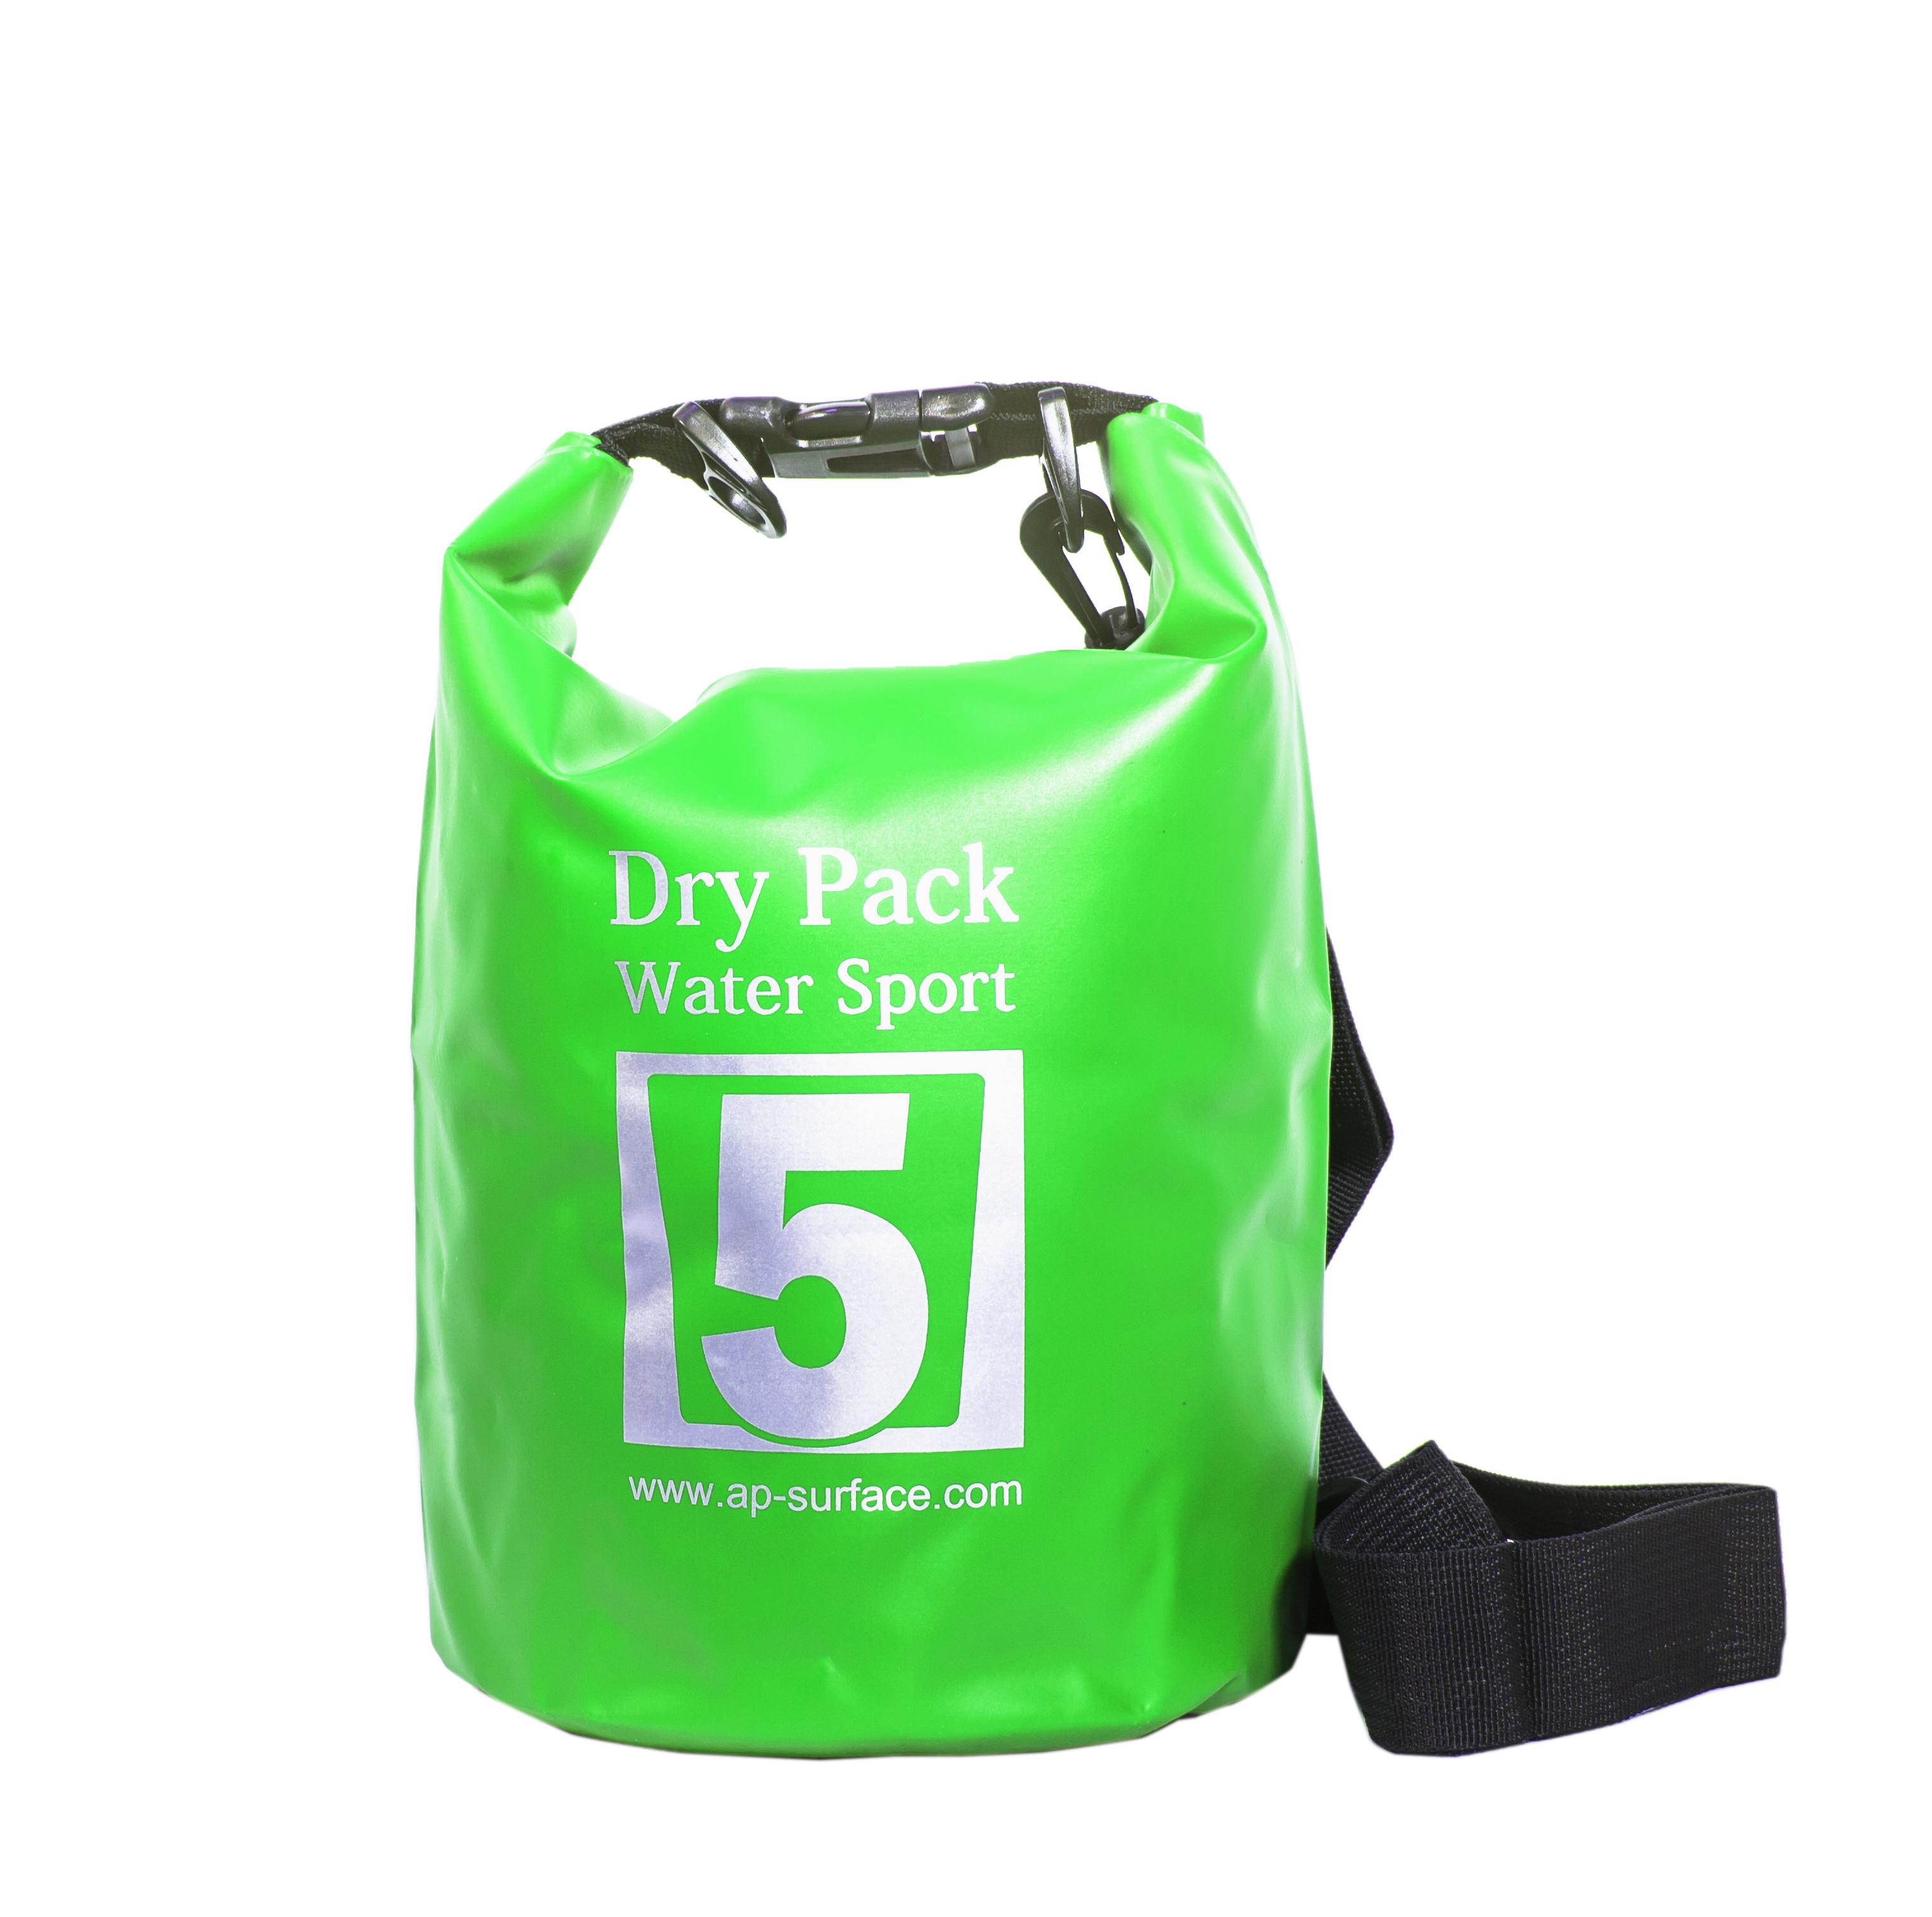 กระเป๋ากันน้ำ Dry pack 5L-สีเขียวตอง